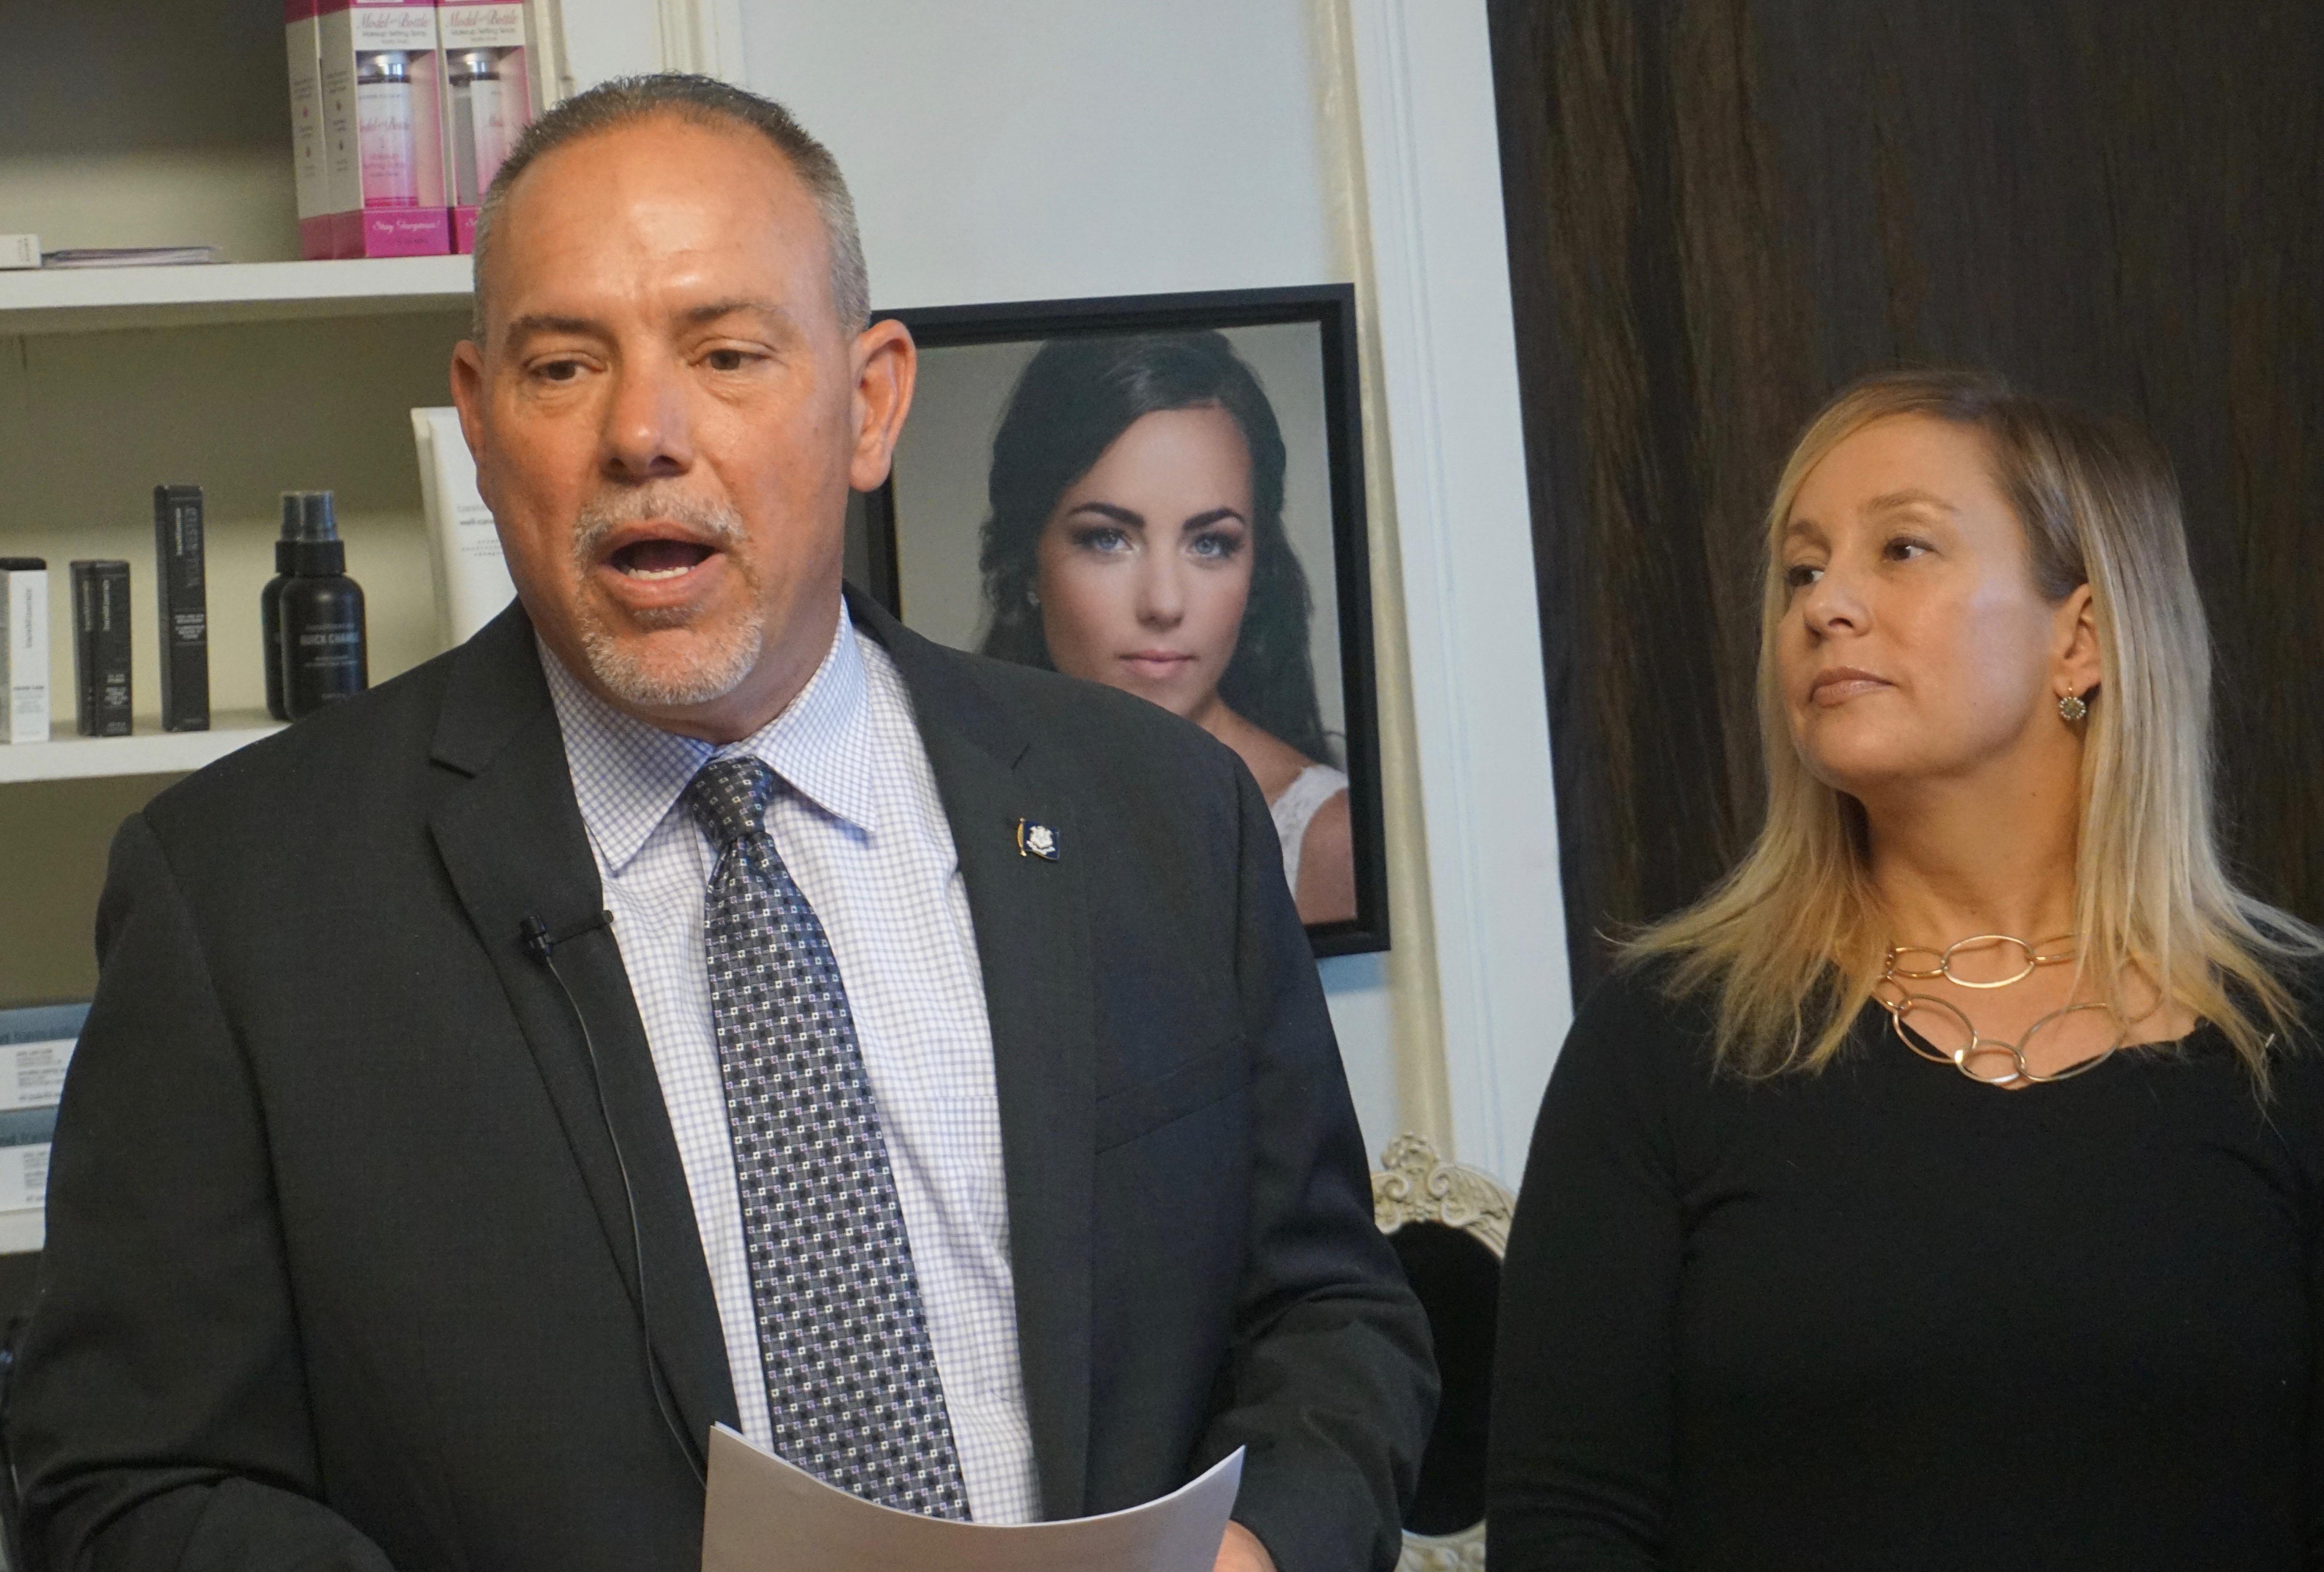 Union dumps consultant, PAC treasurer in Petit ad fiasco